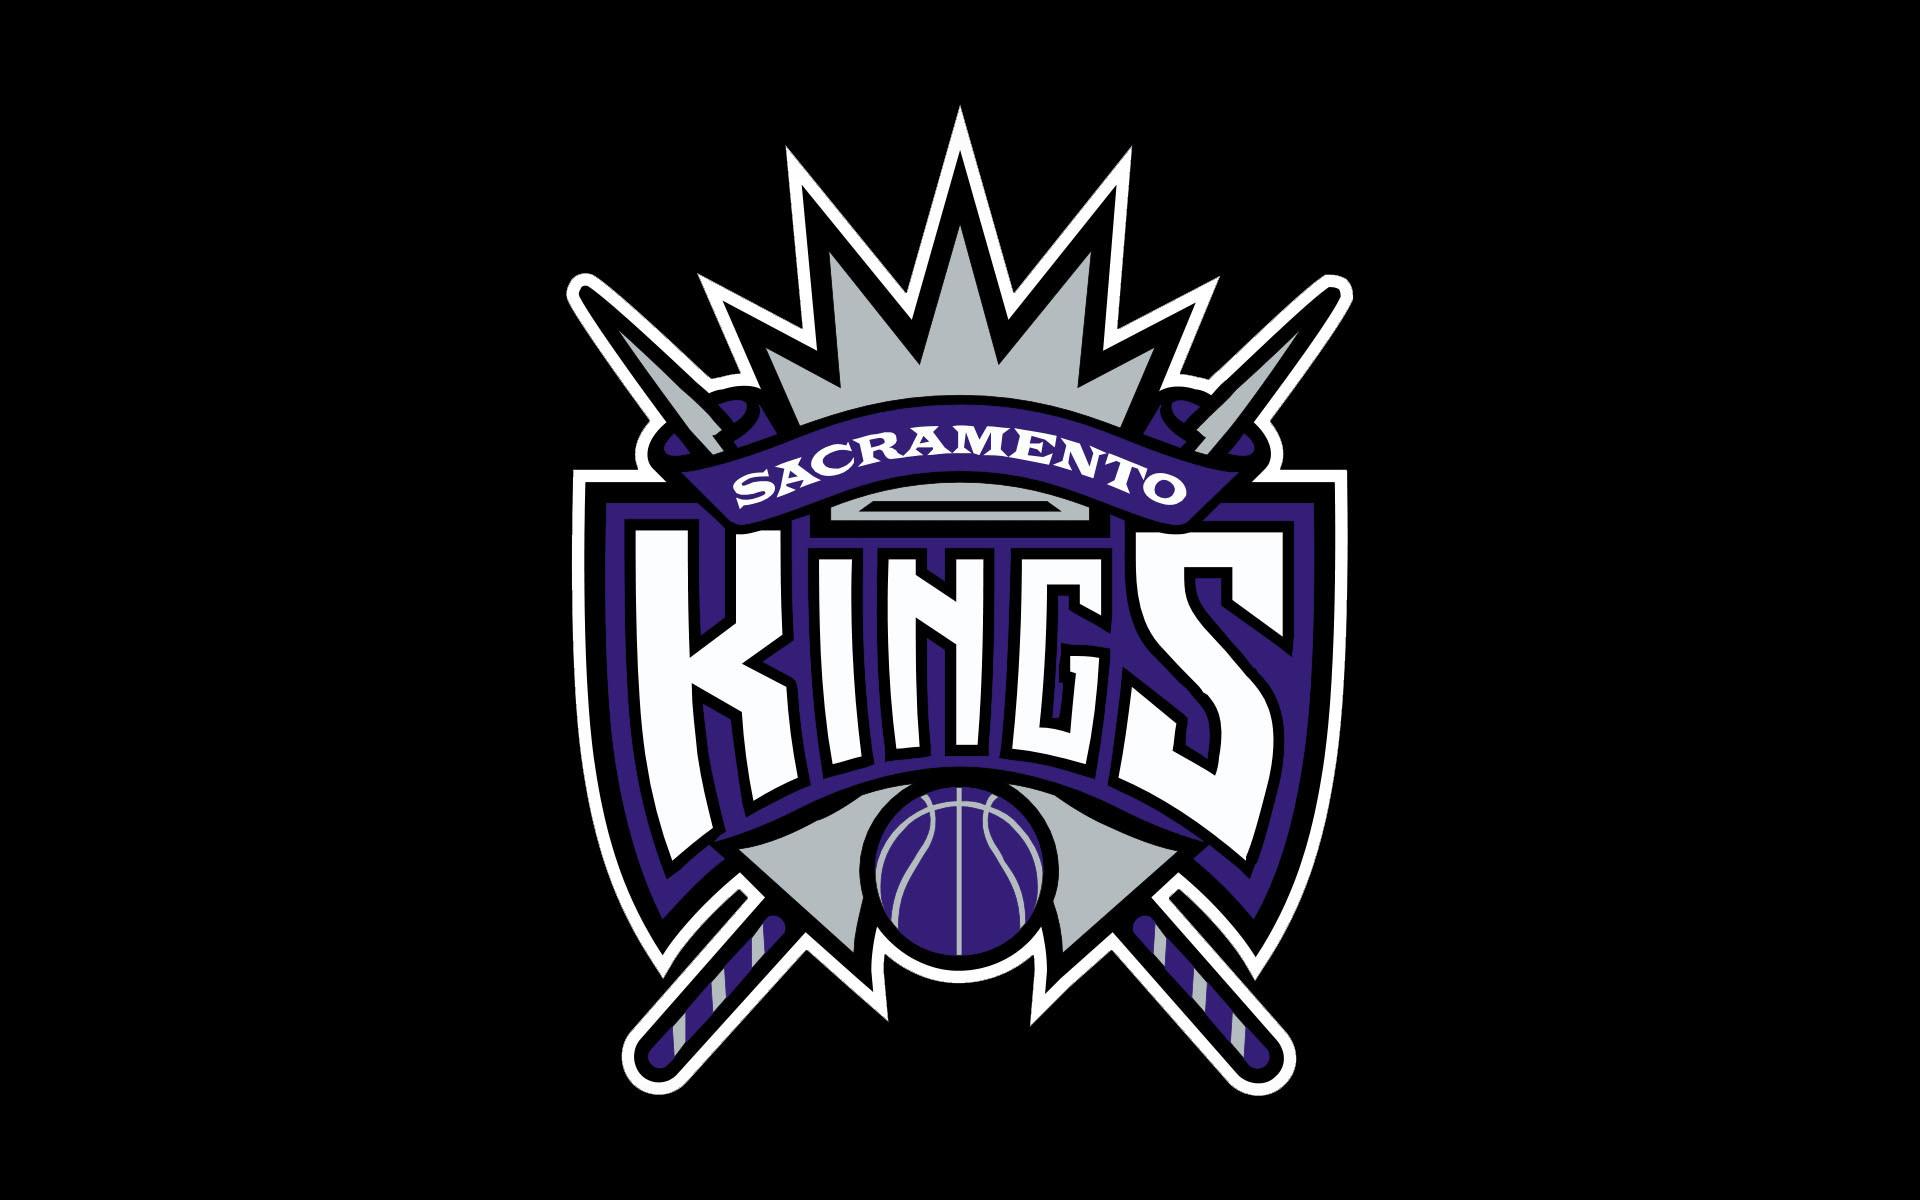 King Logo Wallpaper